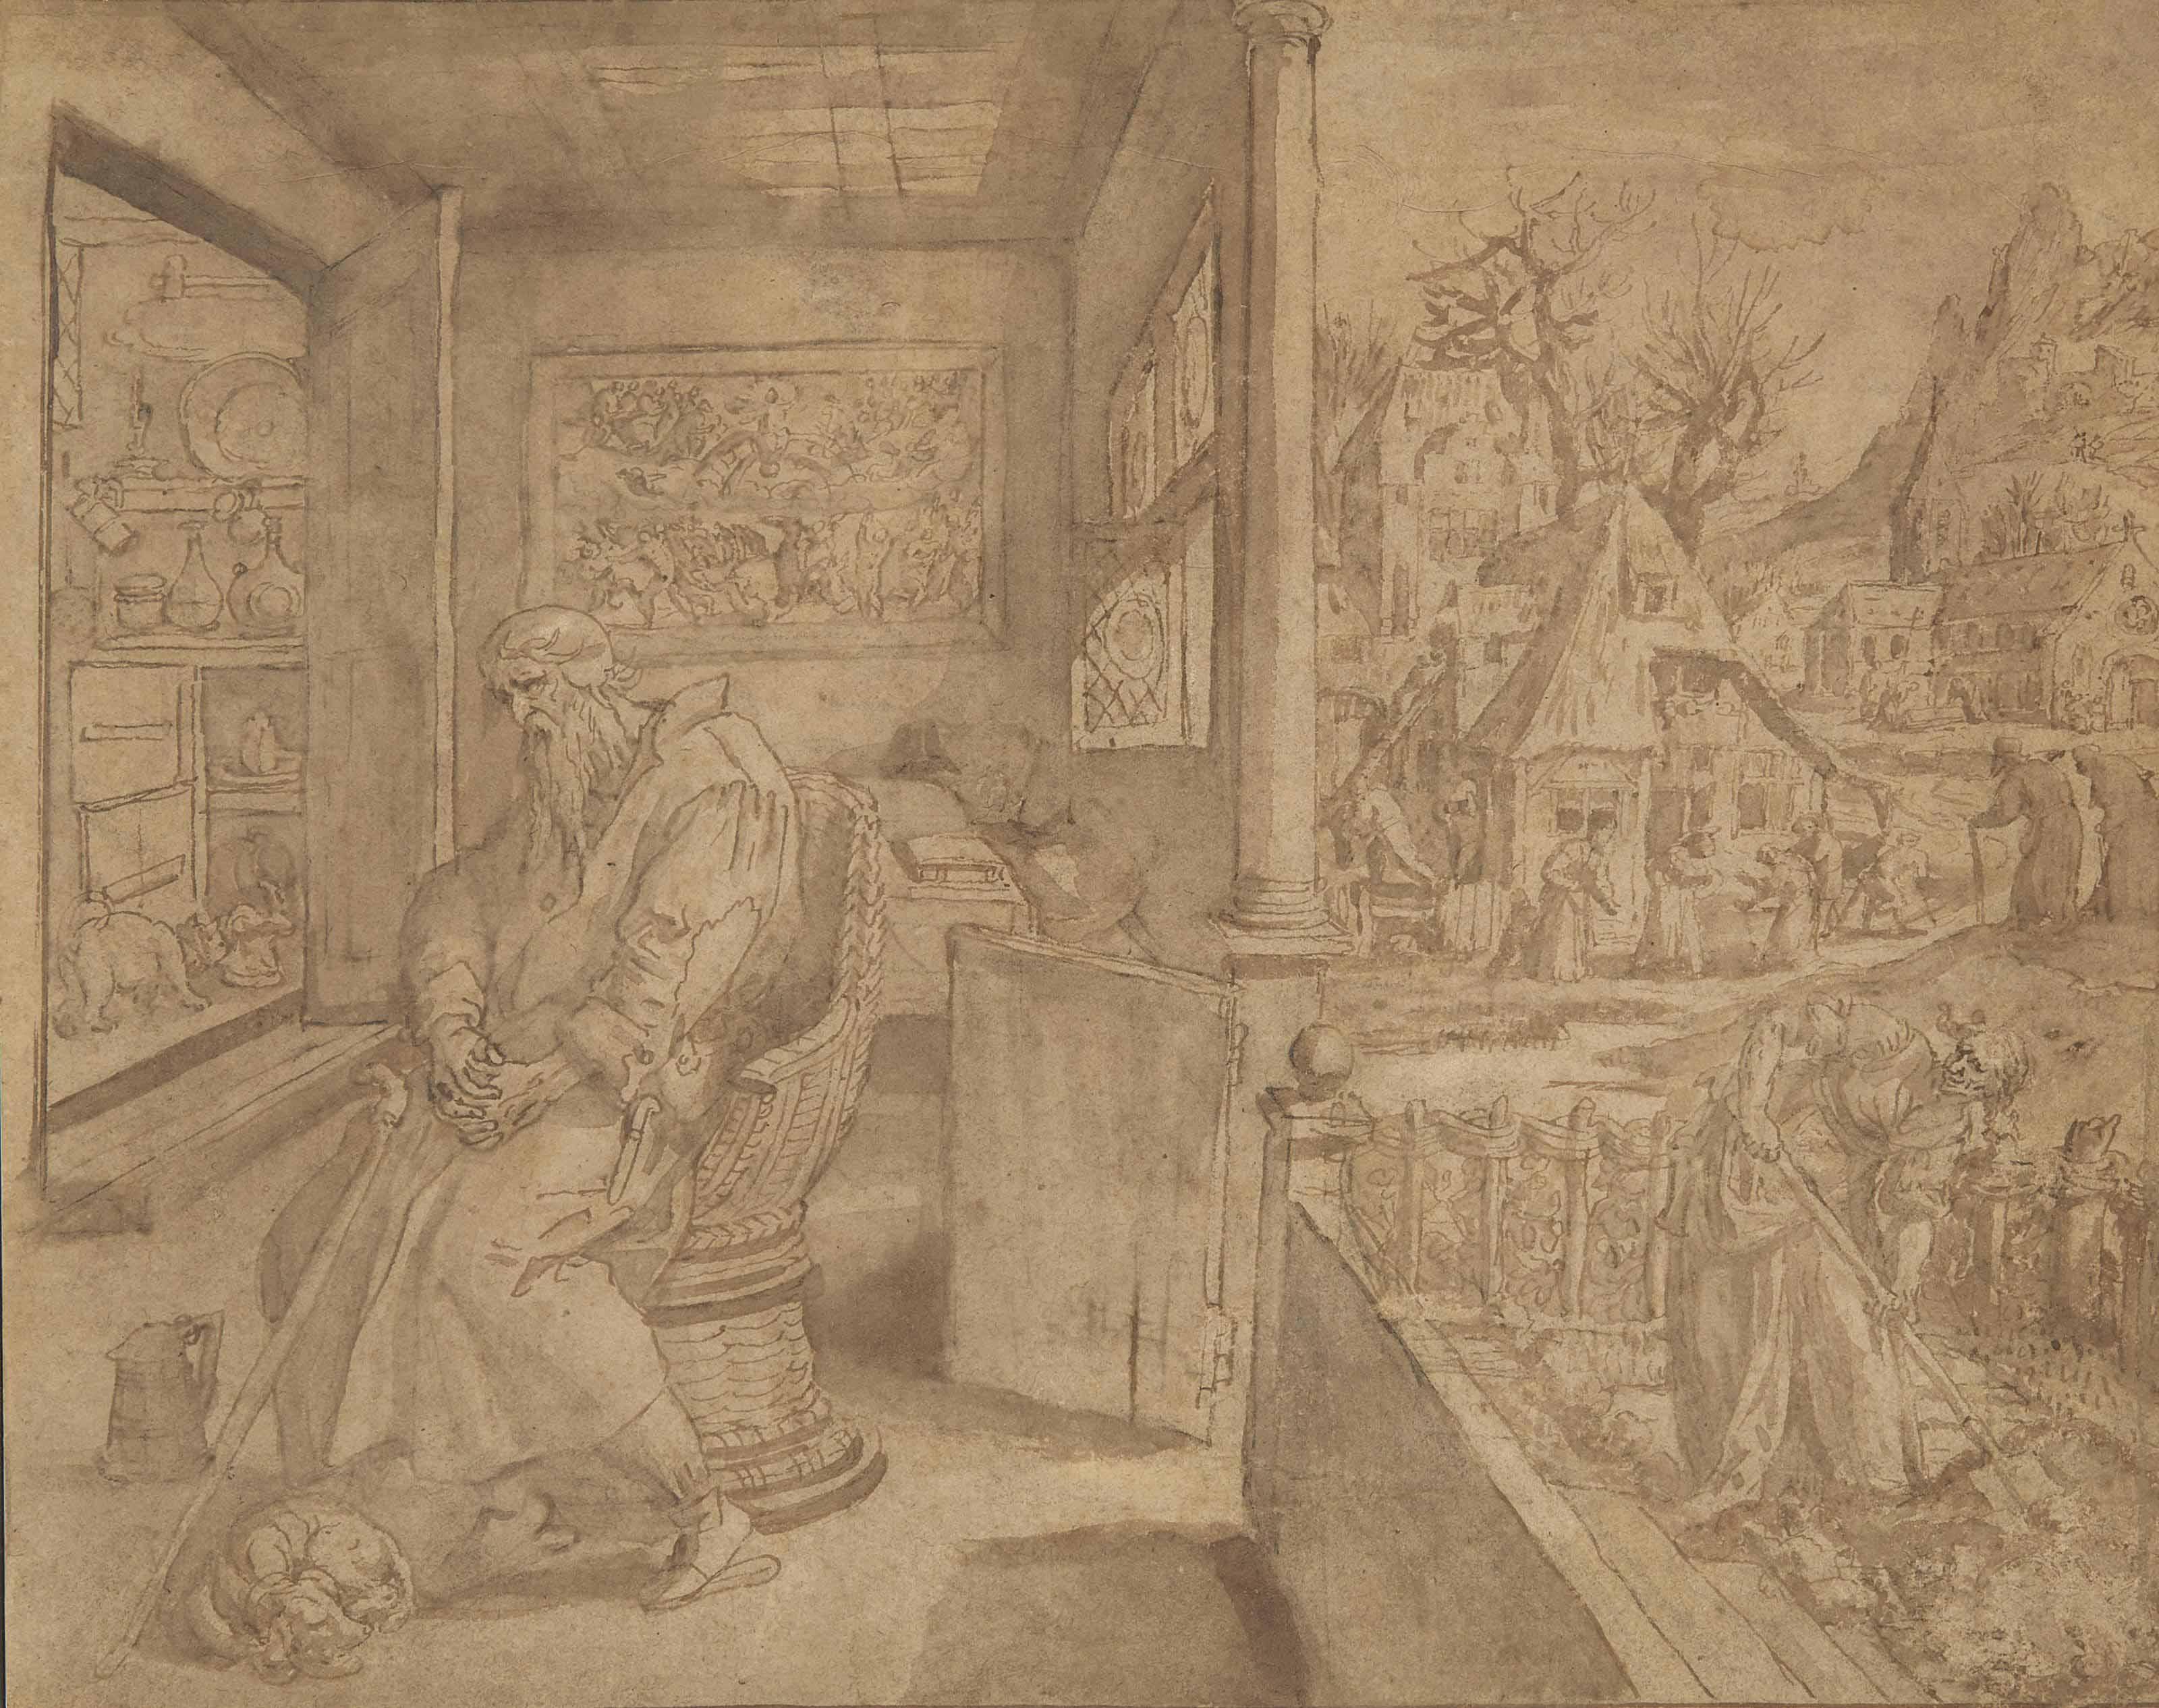 Ermite en méditation sur une terrasse couverte, une femme bêchant un potager à l'arrière-plan